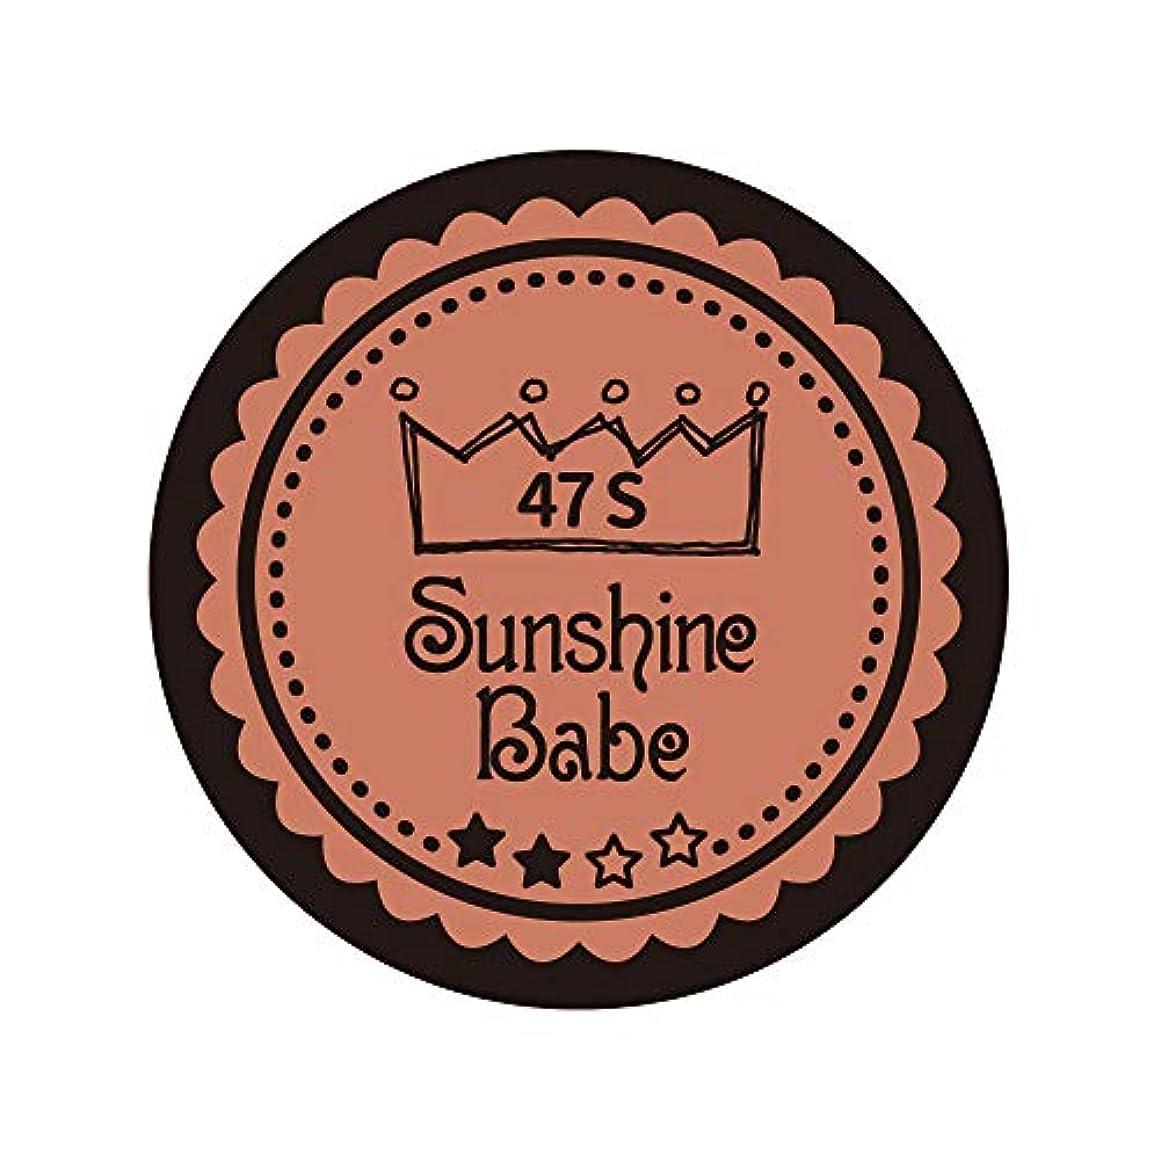 規定討論勤勉Sunshine Babe カラージェル 47S ピーチブラウン 4g UV/LED対応